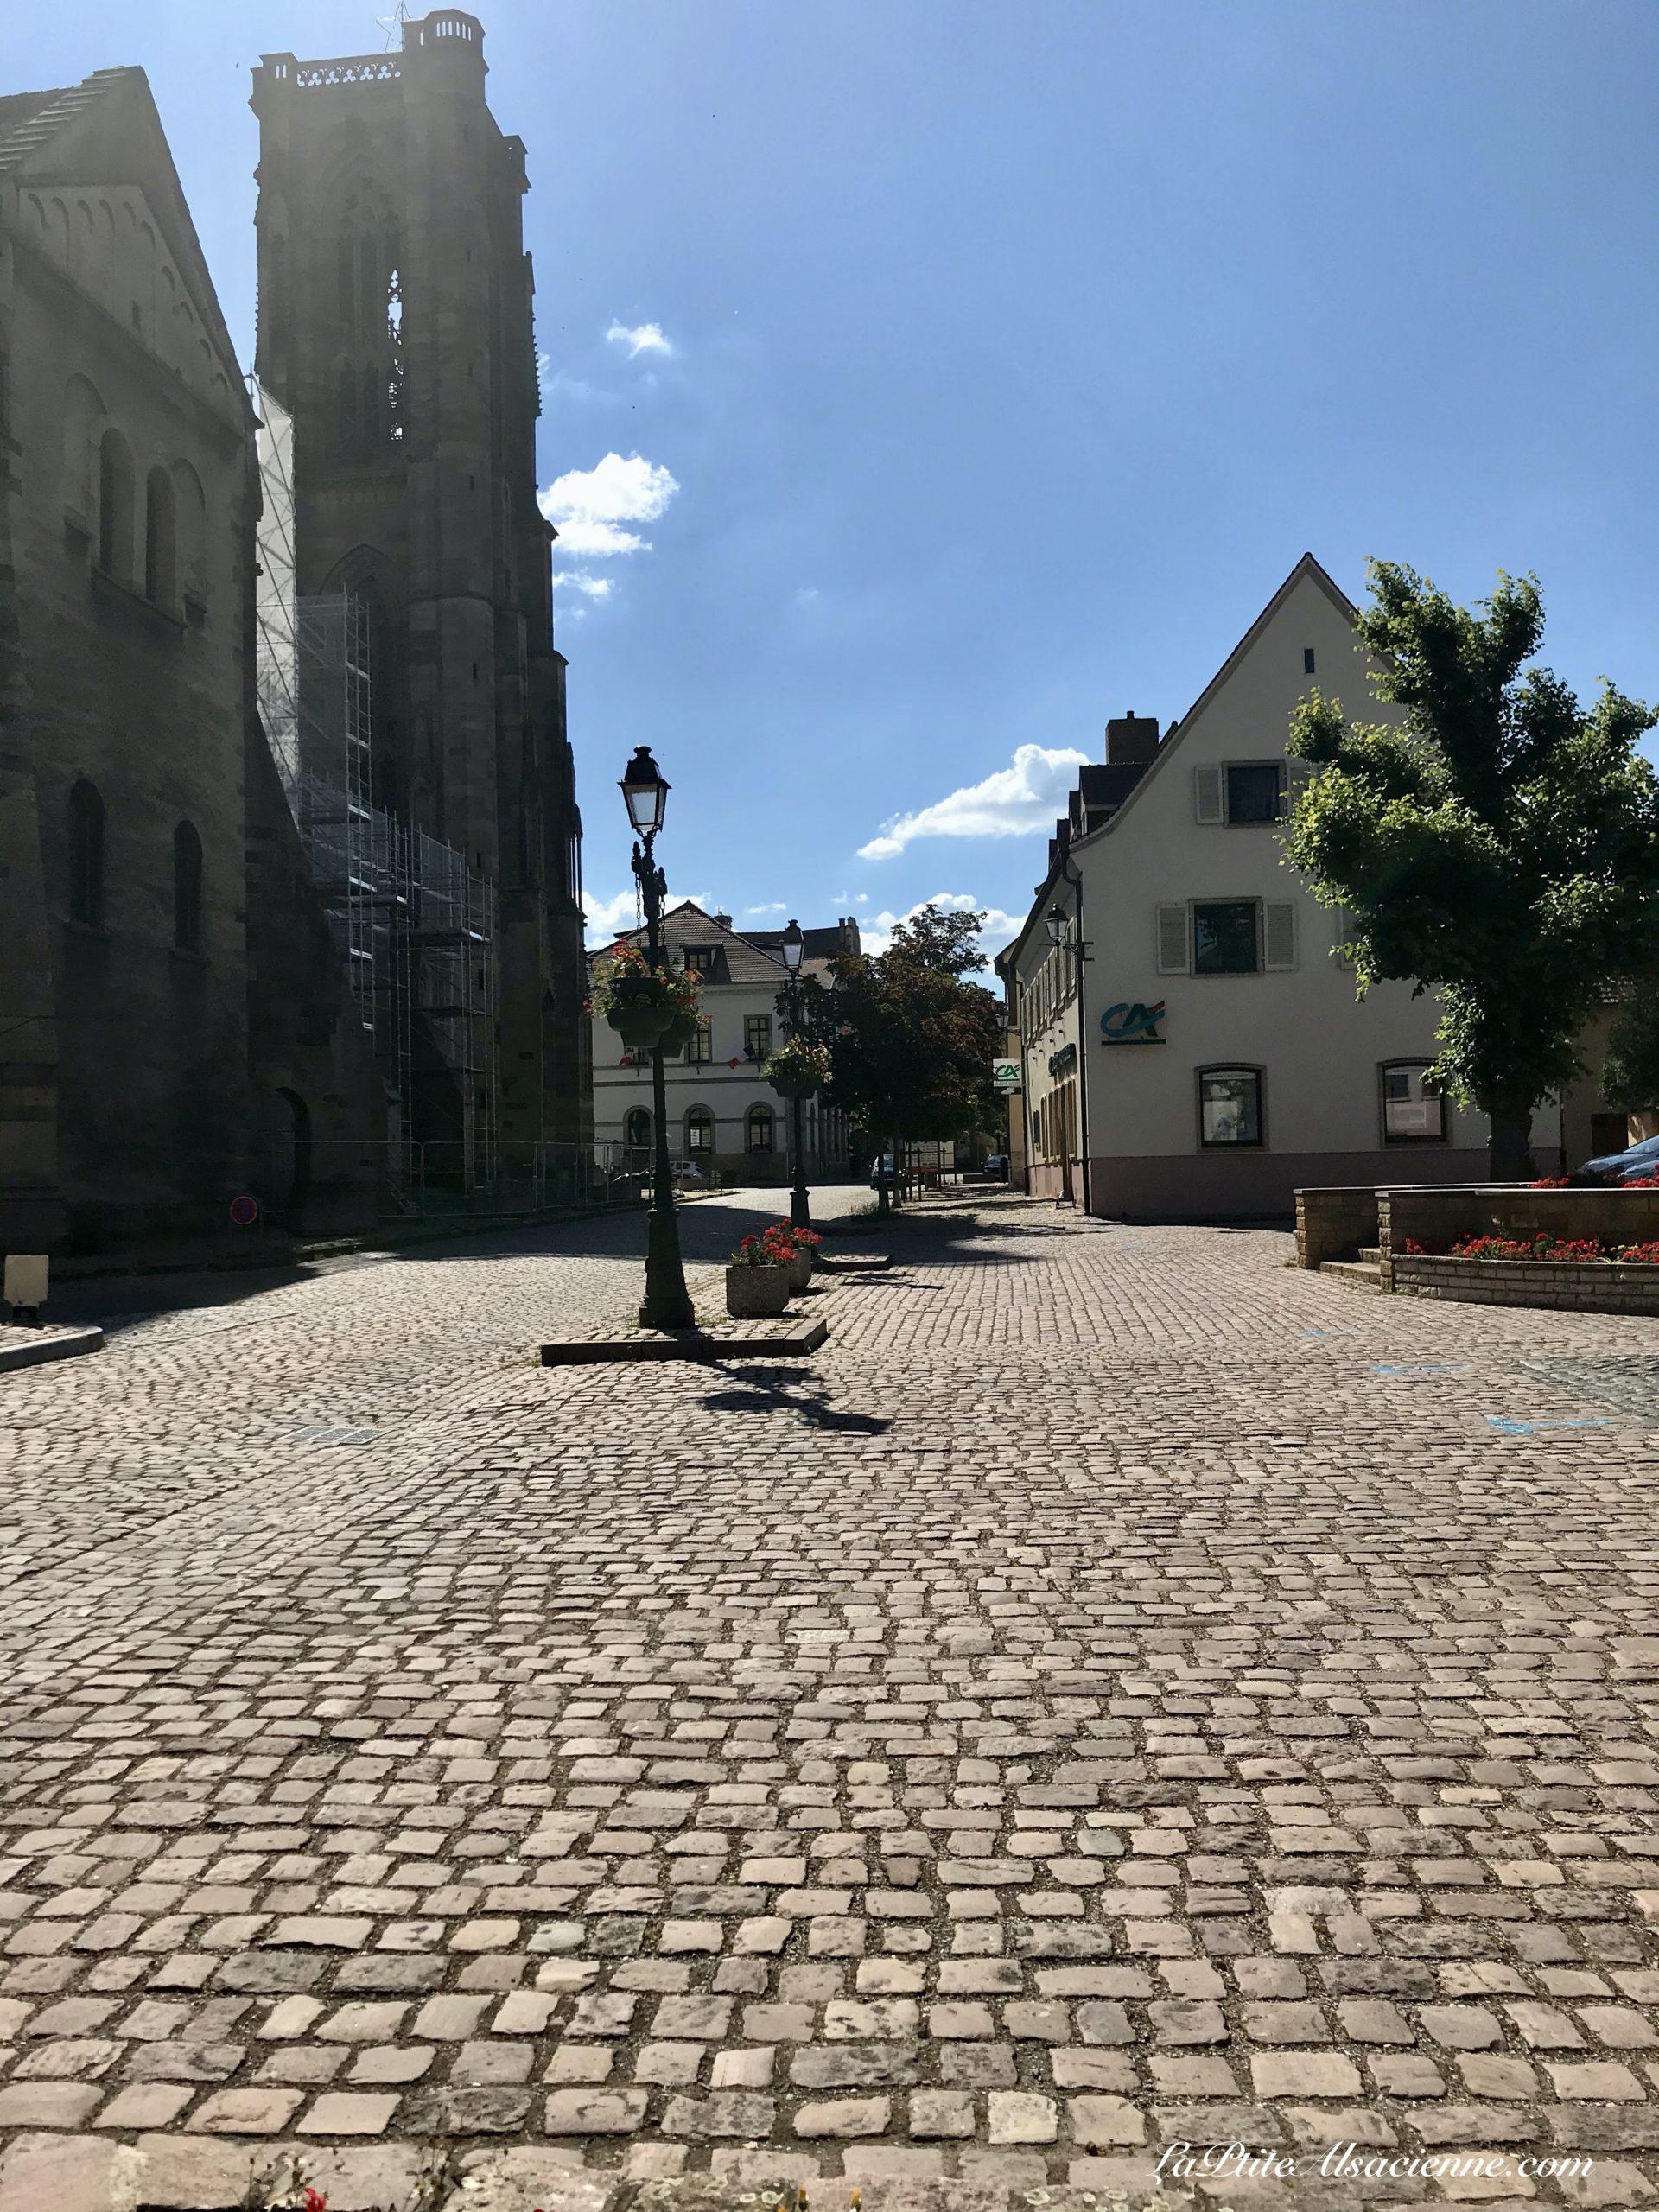 Rouffach et sa célèbre église, et ... sa route pavée ! - Photo par Cendrine Miesch dite LaPtiteAlsacienne